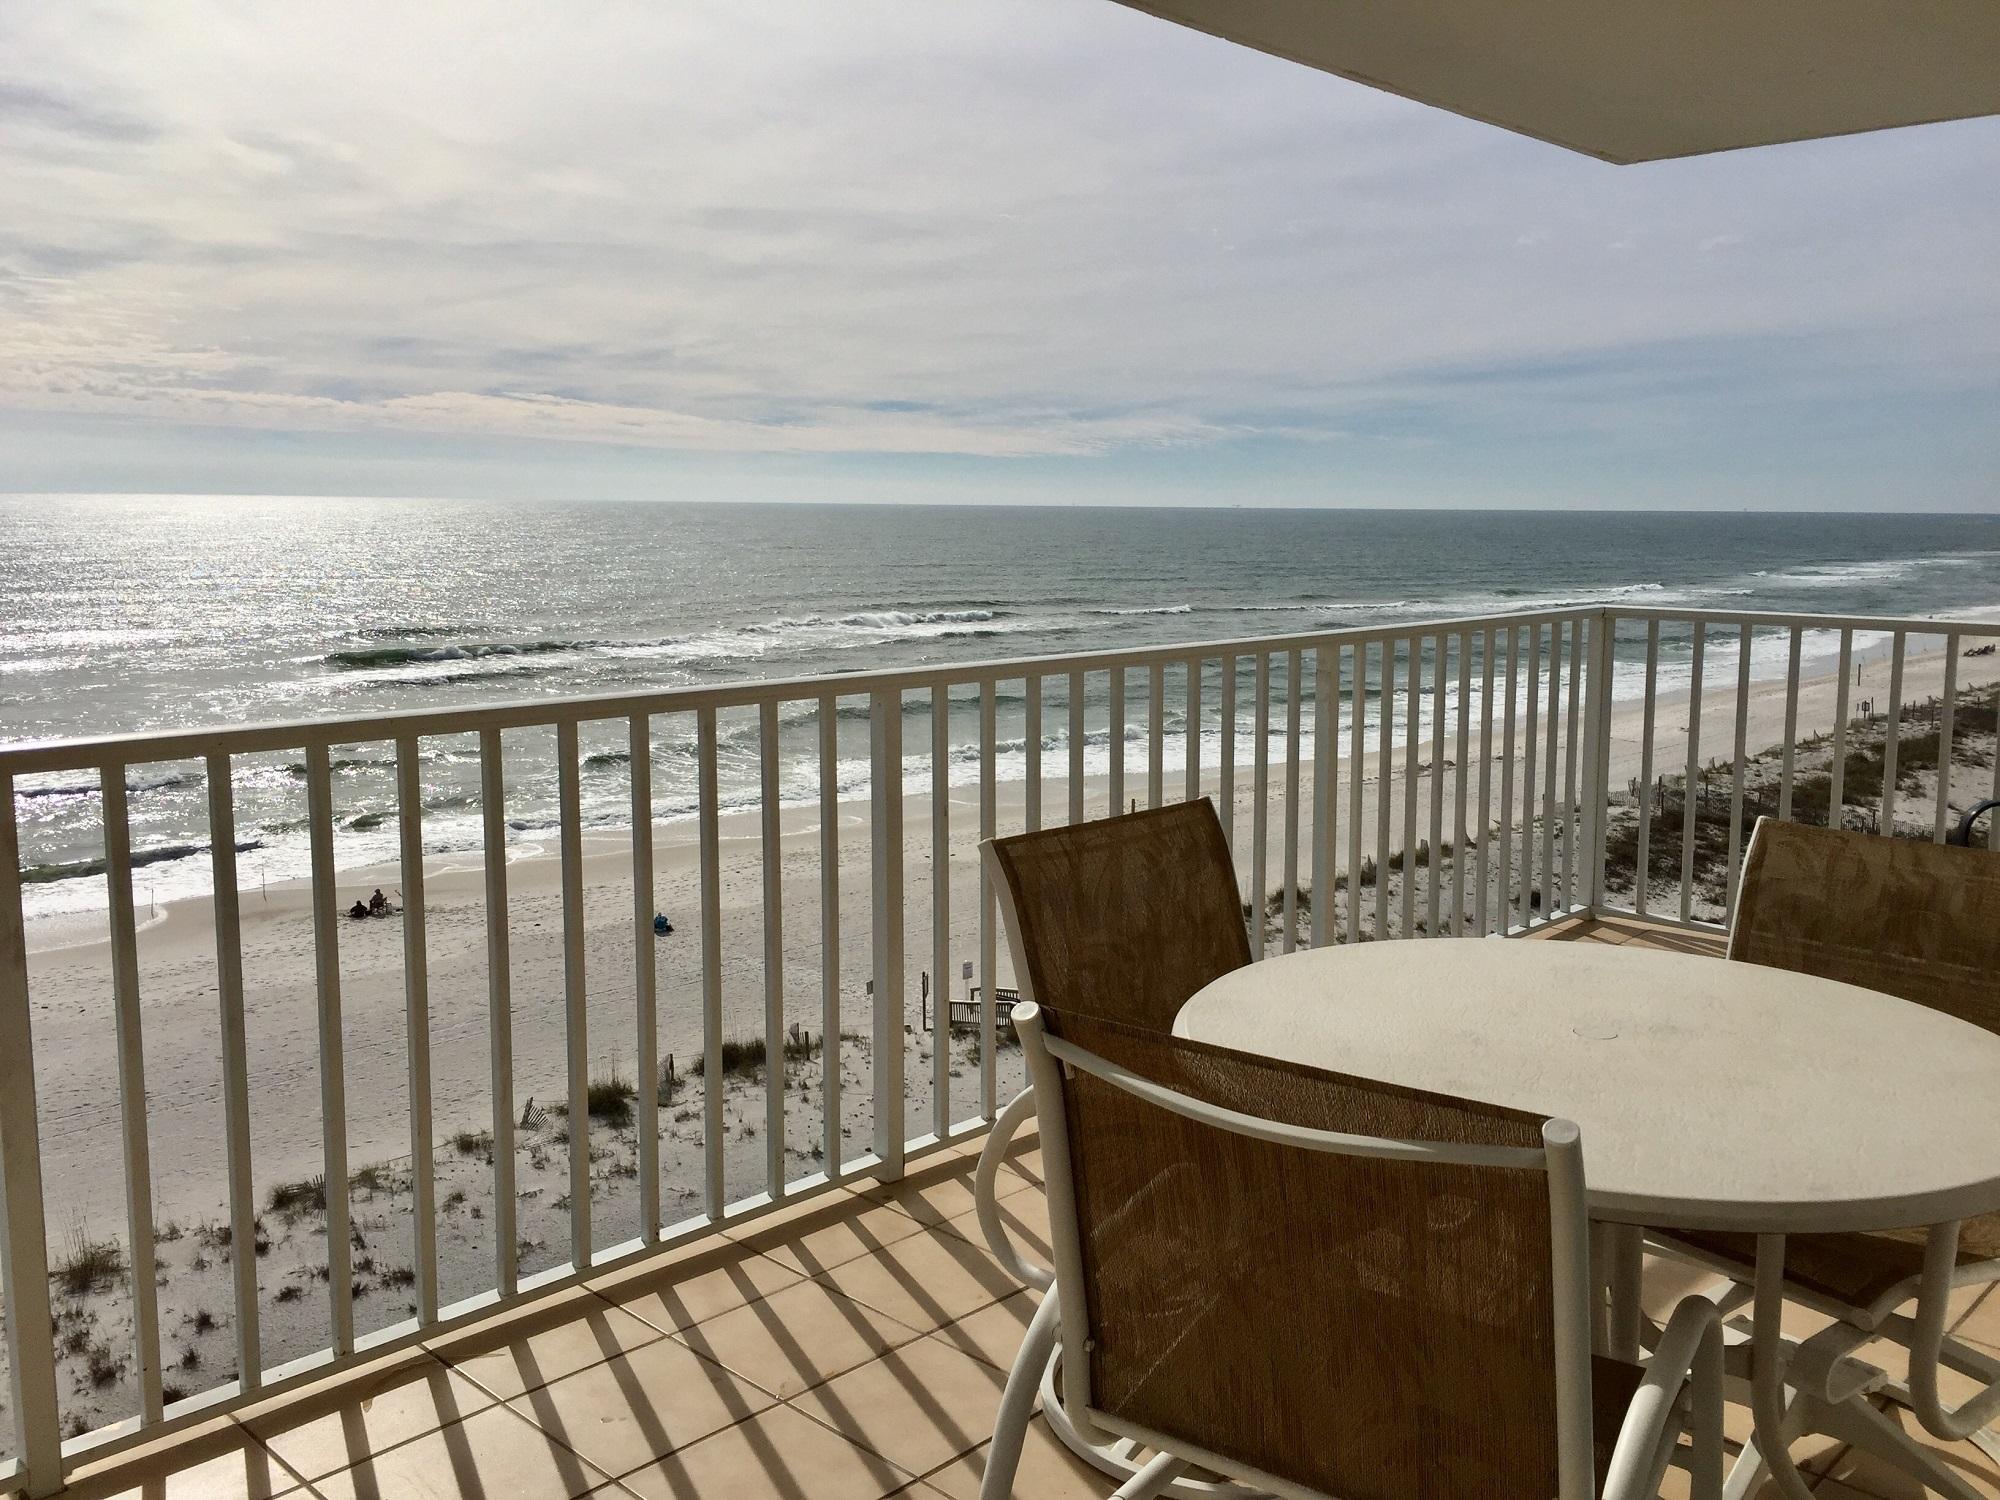 Ocean House 2706 Condo rental in Ocean House - Gulf Shores in Gulf Shores Alabama - #37